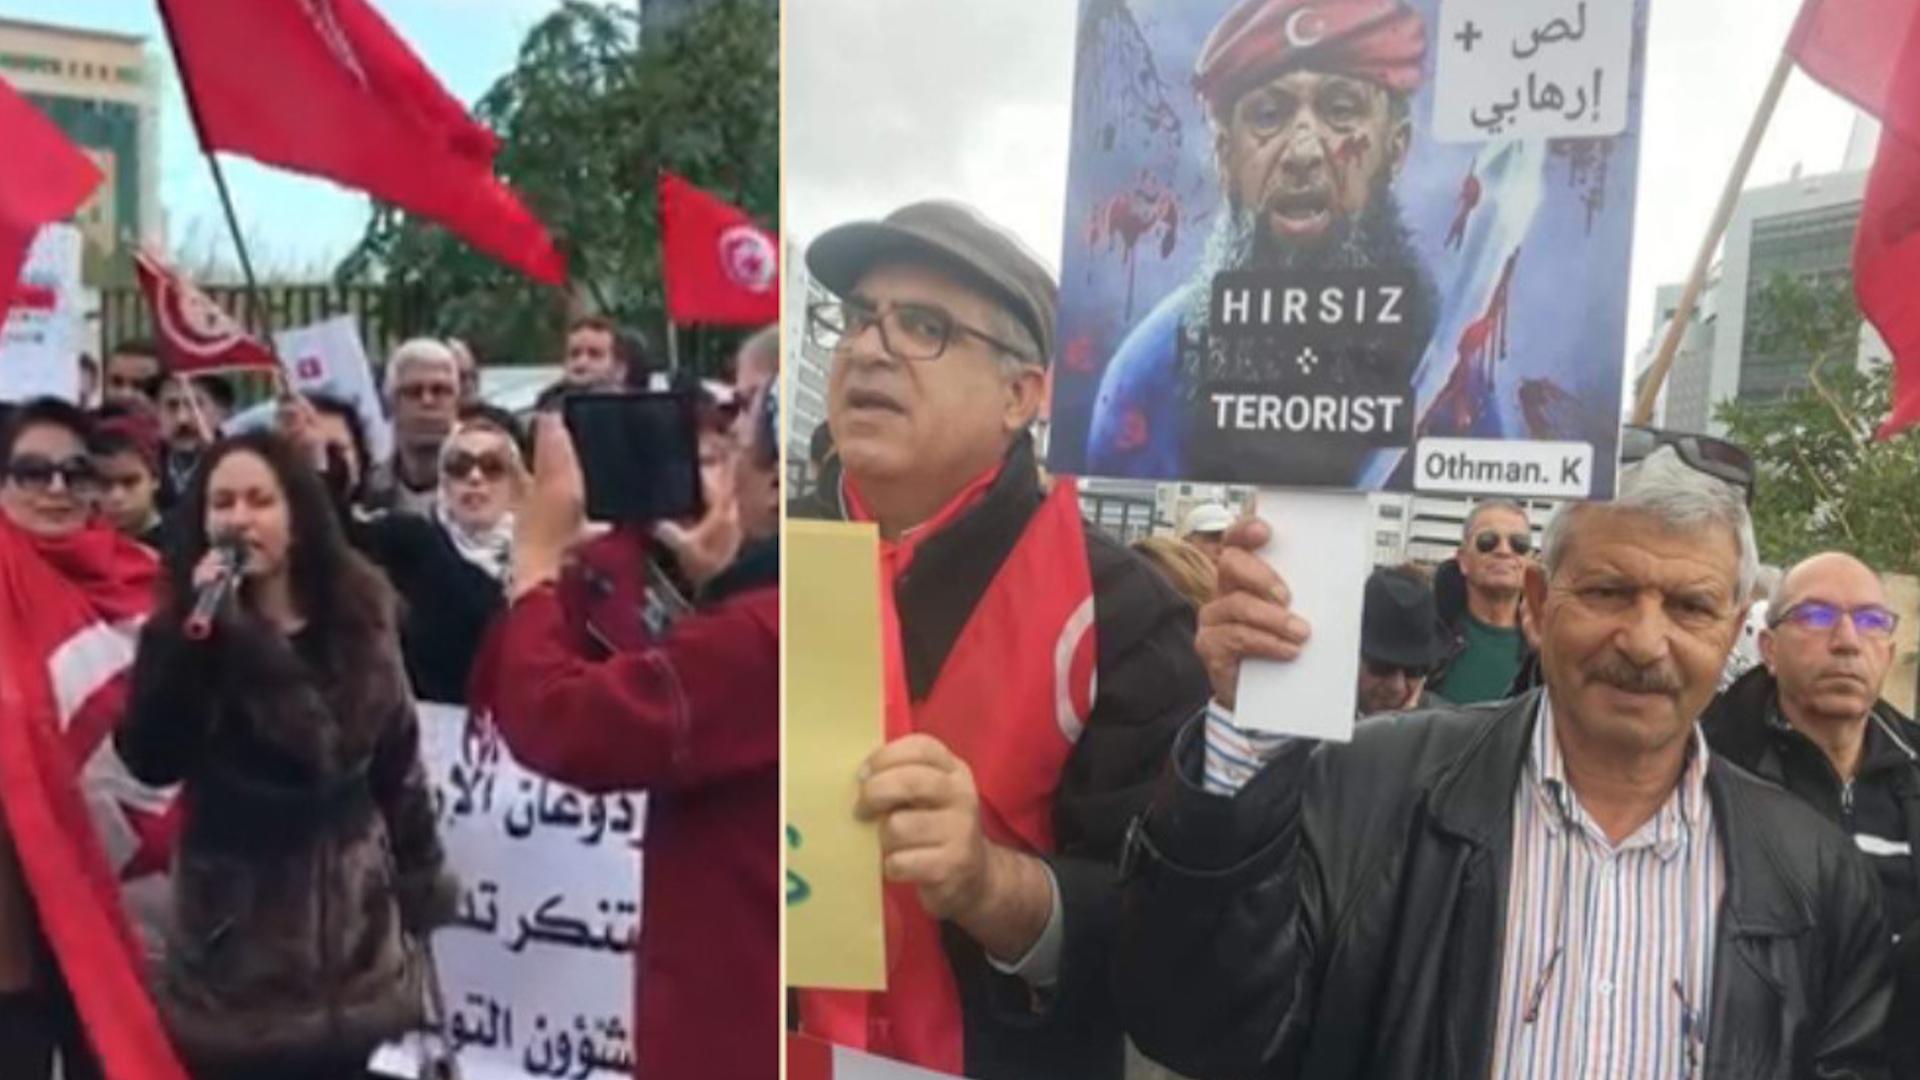 """Photo of Tûnisiyan, Erdogan bi gotinên """"diz û Terorîst"""" şermezar kir"""